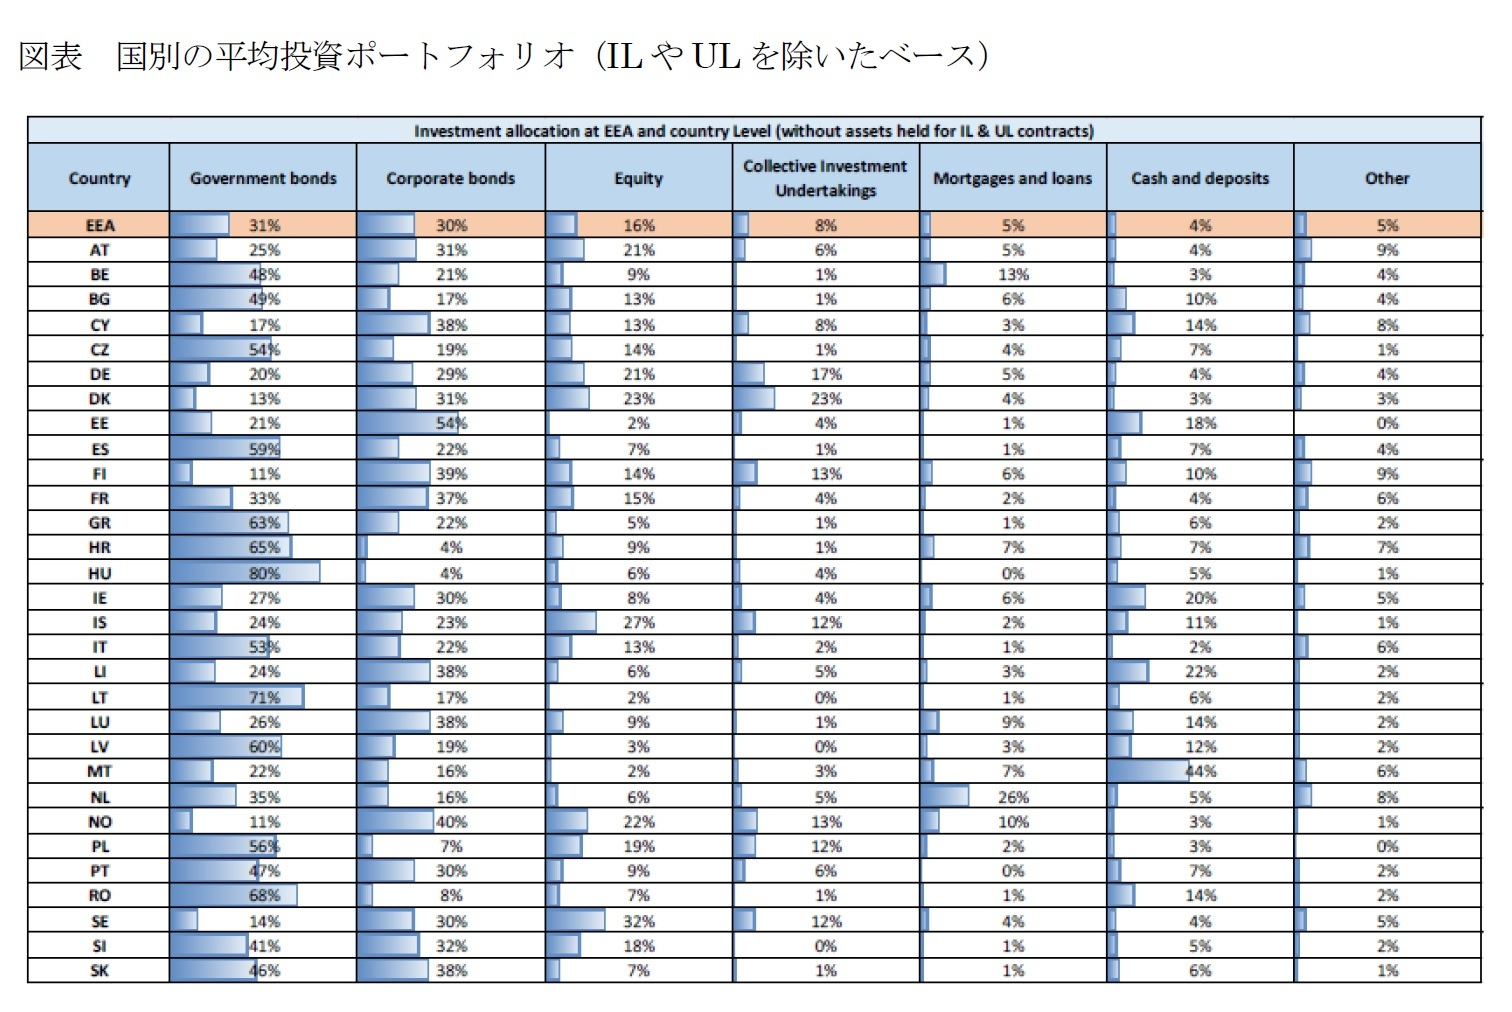 図表 国別の平均投資ポートフォリオ(ILやULを除いたベース)